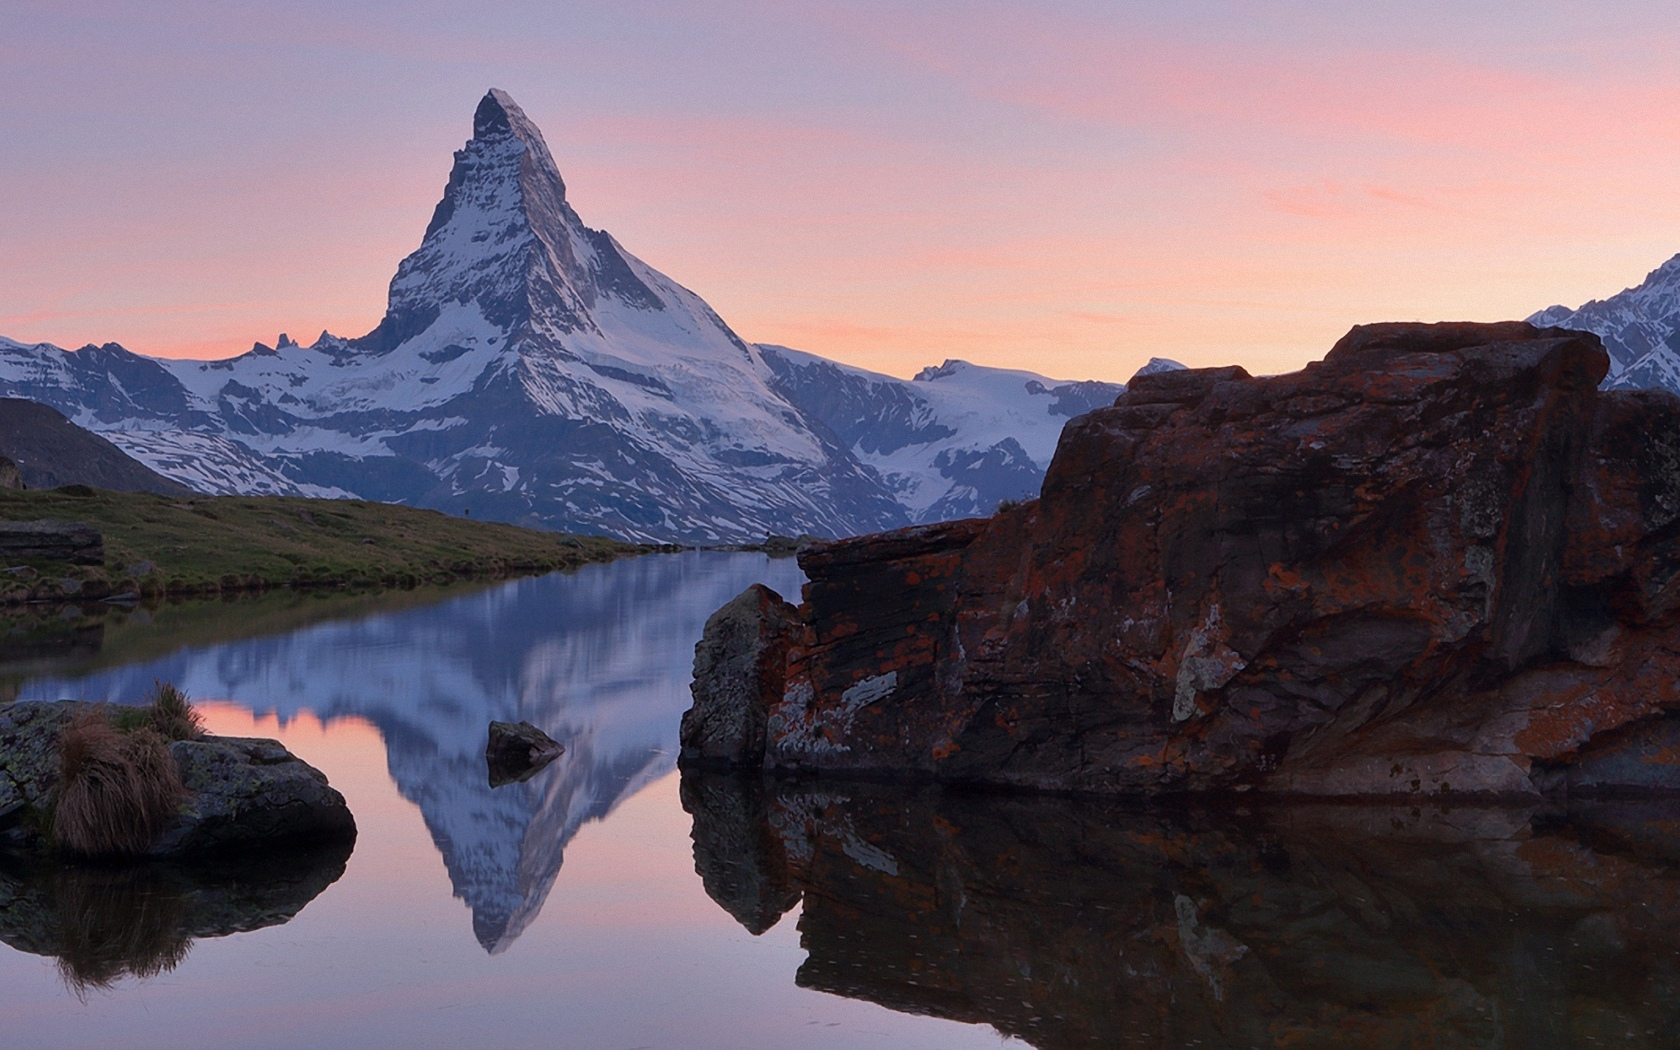 природа, горы, река, камни, проф работа, вечер